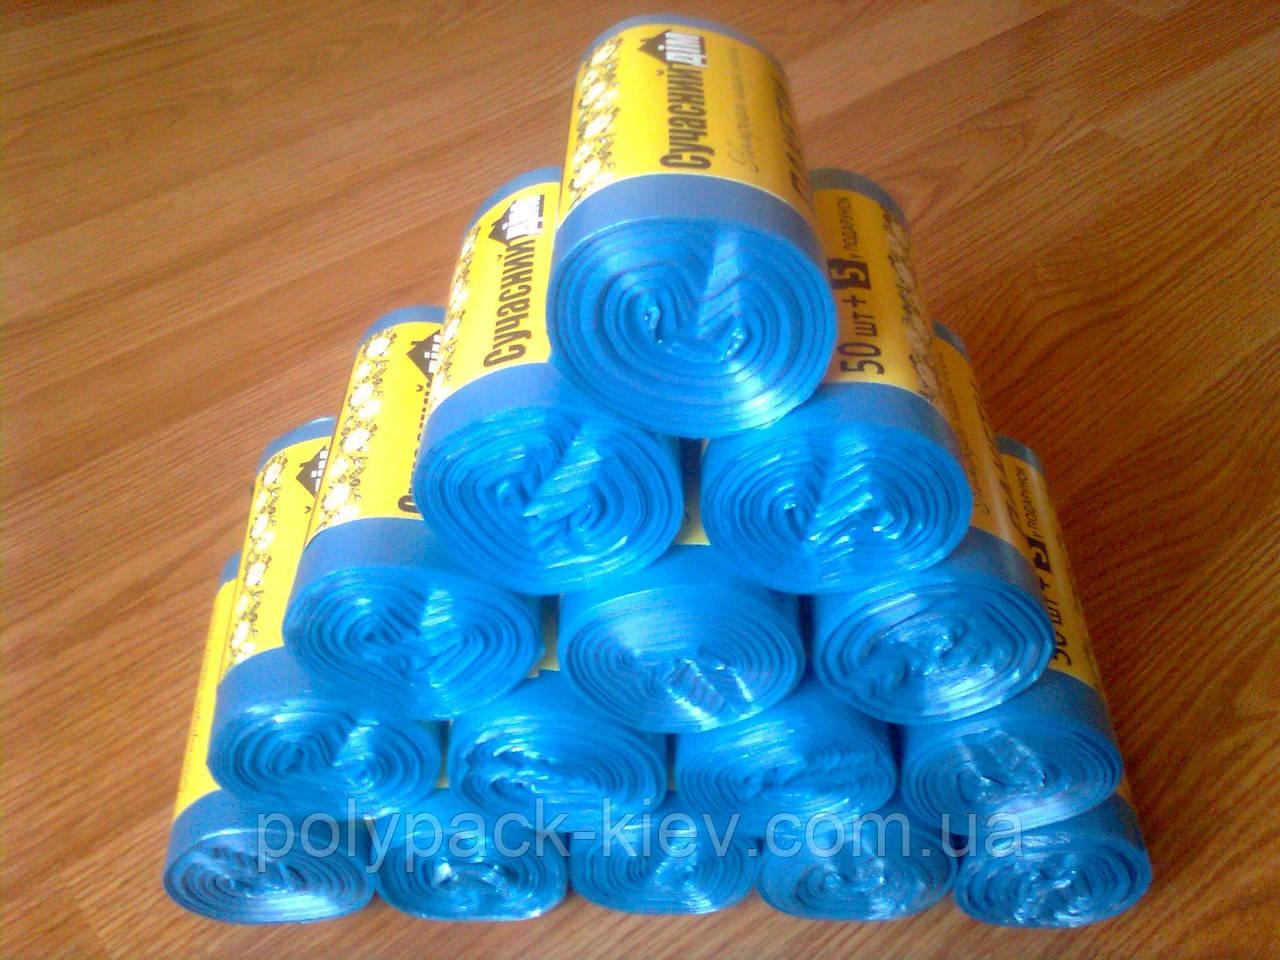 Поліетиленові сміттєві пакети, мішки для сміття, міцні 35 л / 55 шт, сміттєвий пакет